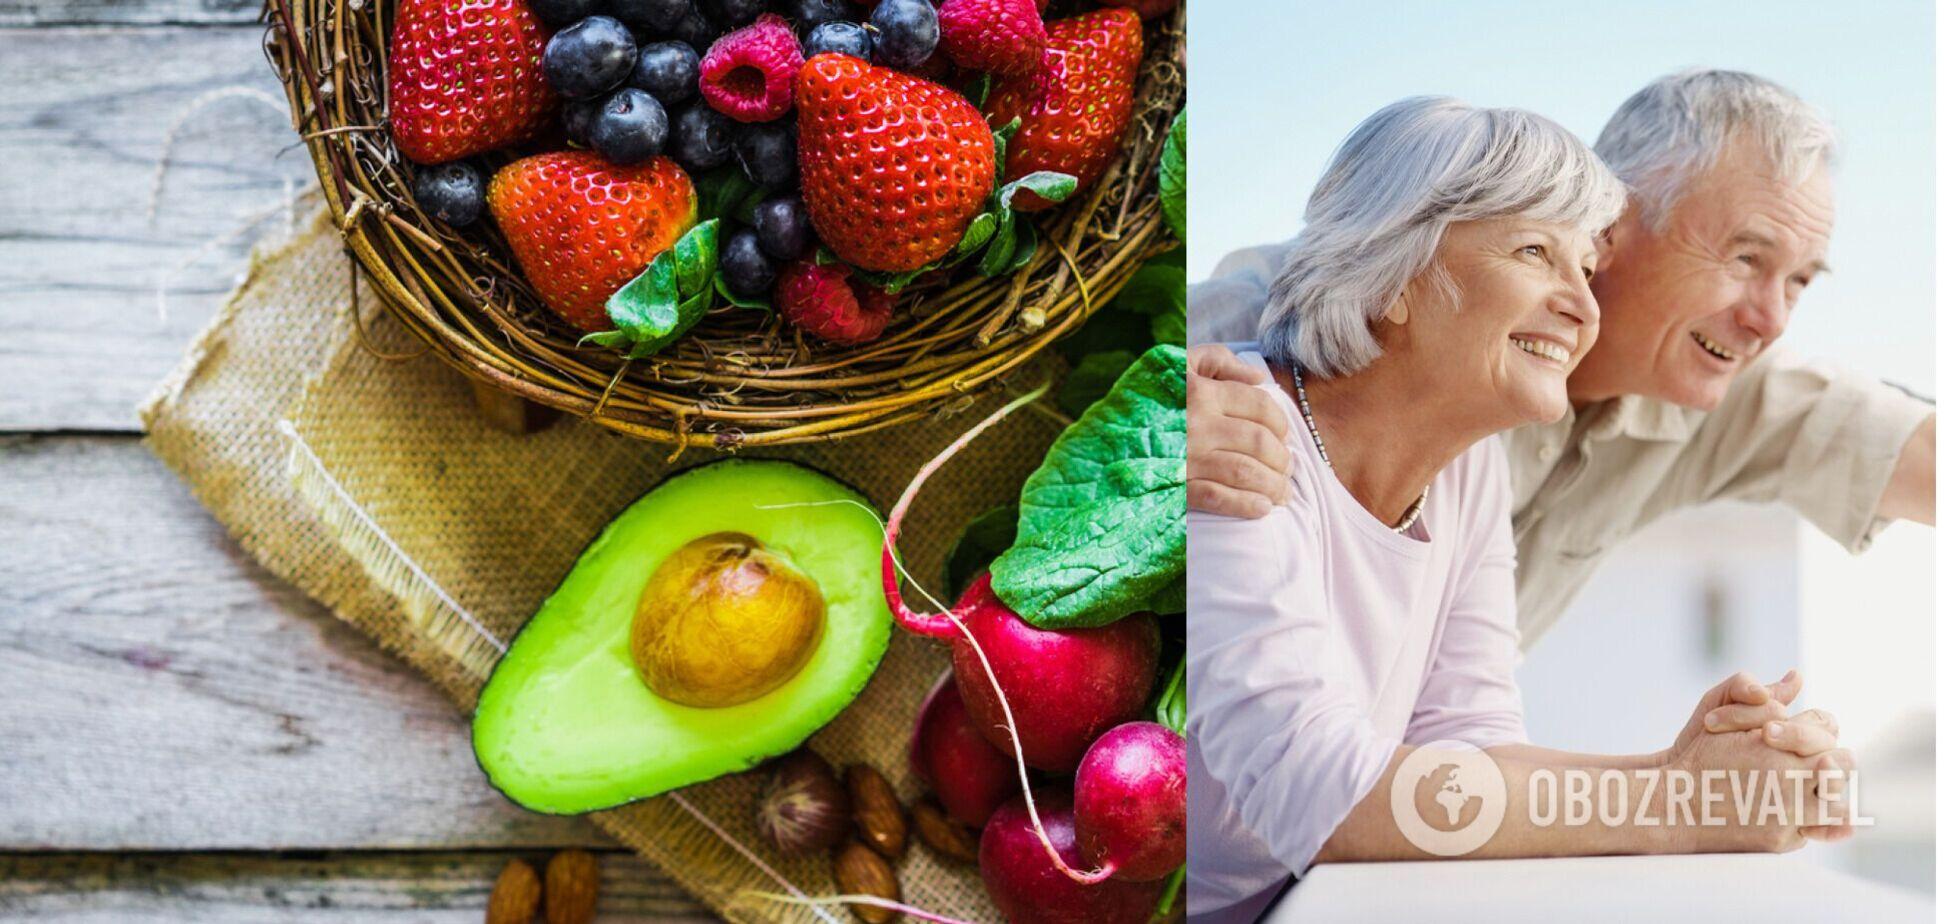 Ученые рассказали, какие фрукты и овощи могут продлить жизнь